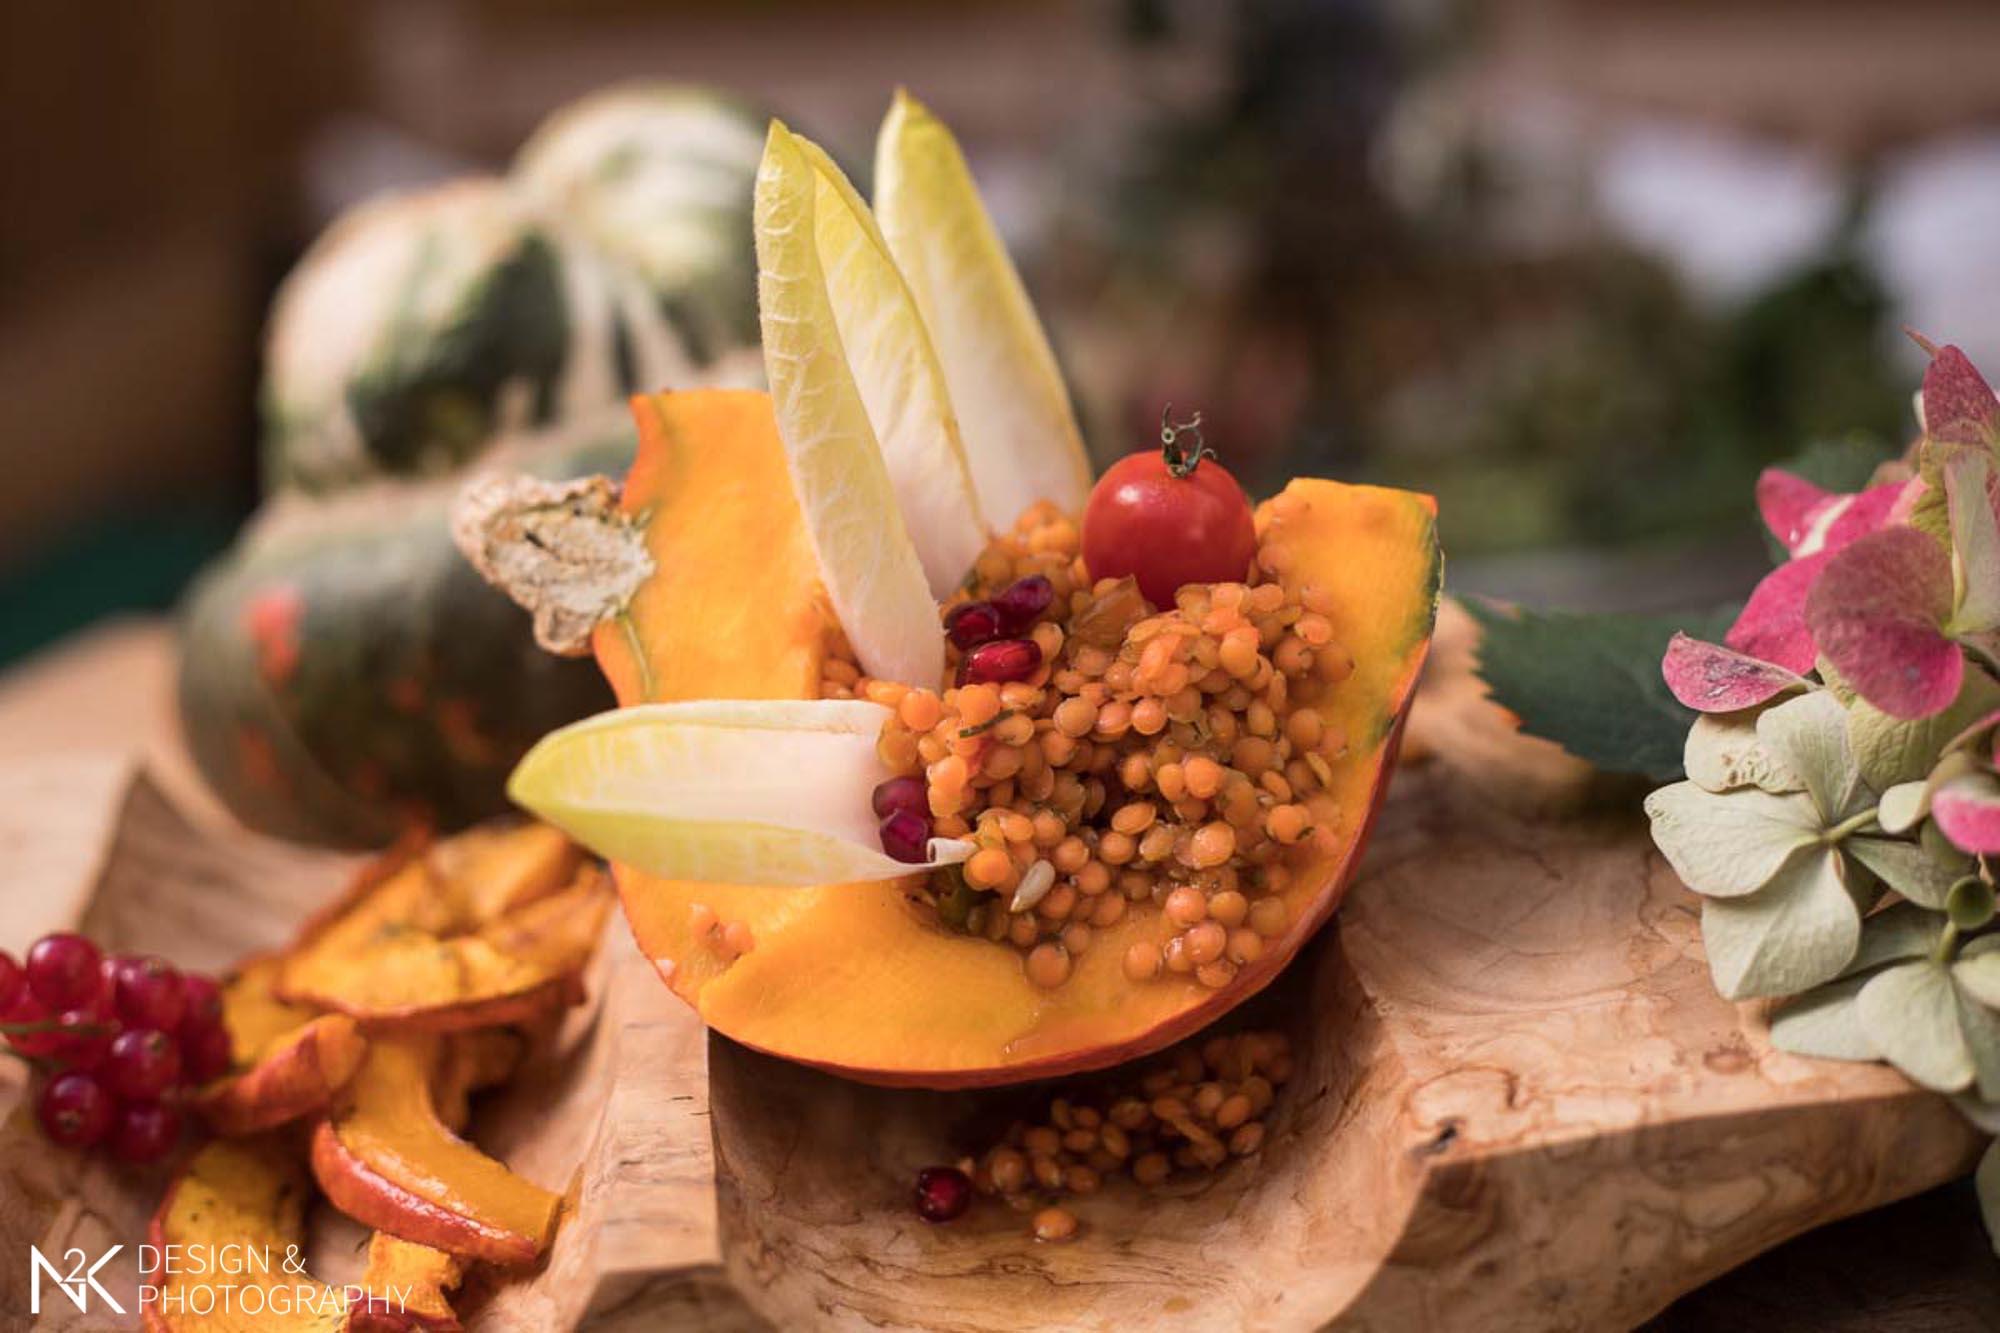 Foodfotografie Wein Nierstein Mainz